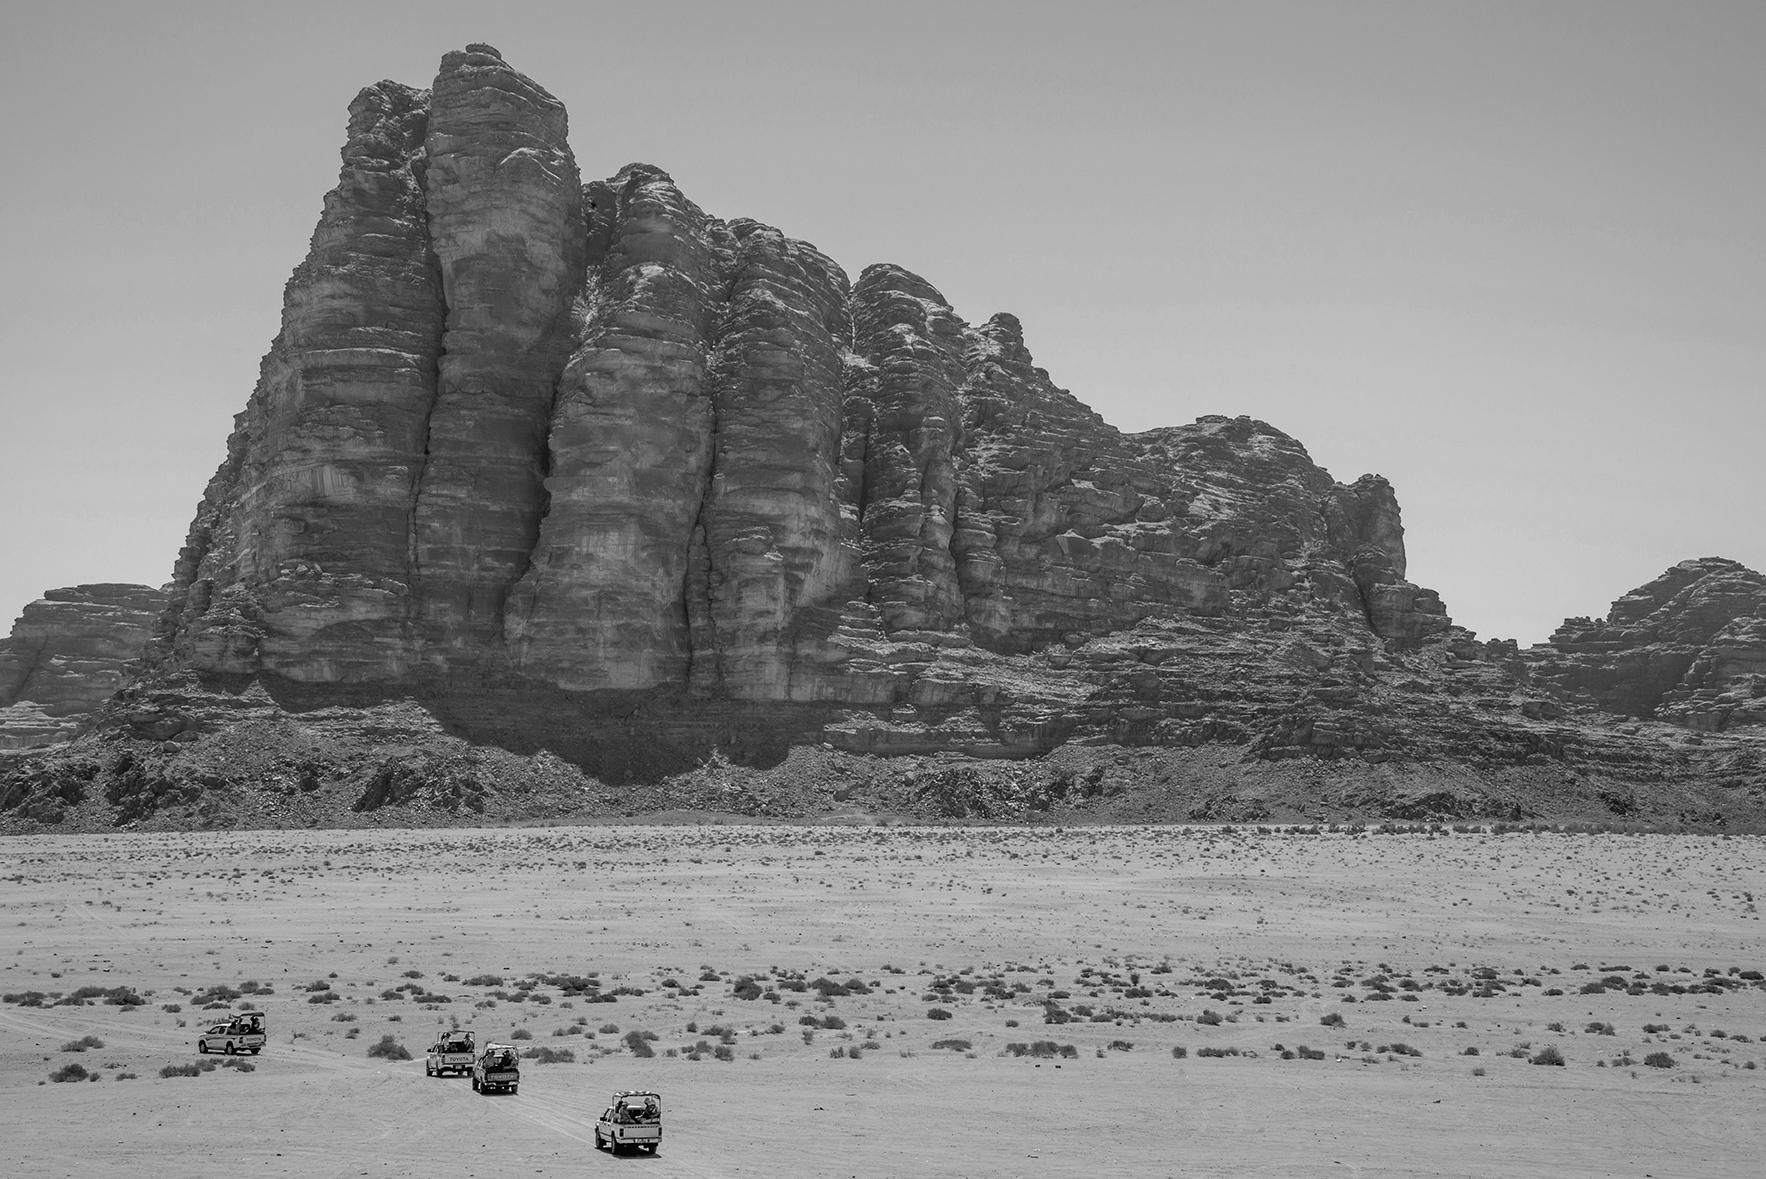 Montaña de los Siete Pilares en el desierto de Wadi Rum